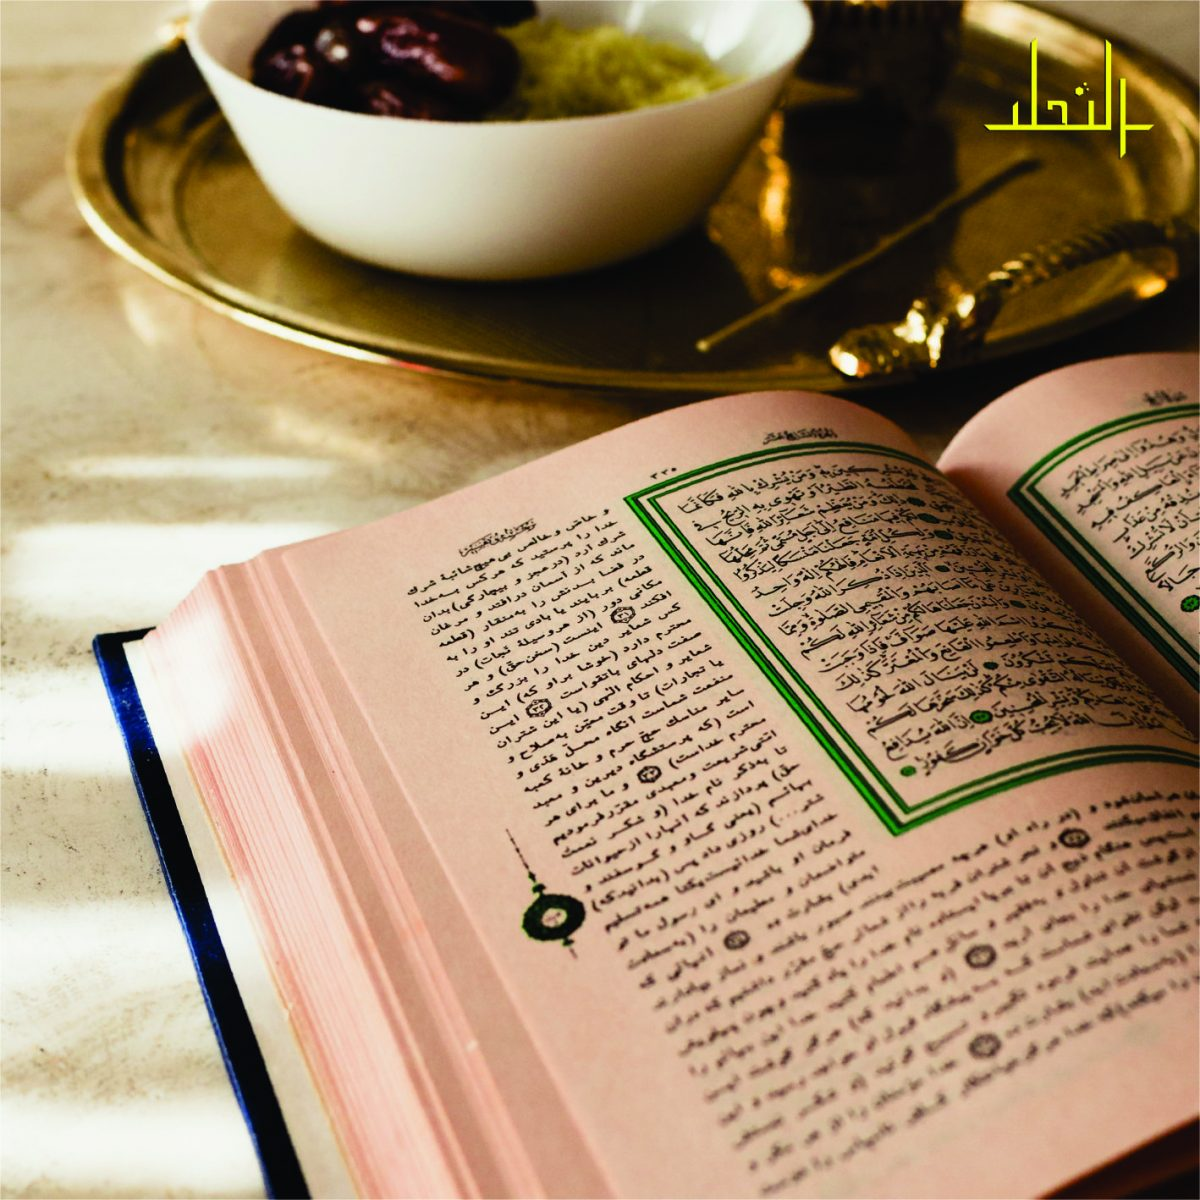 MUDIK DALAM AL-QUR'AN (Tafsir Surah Al-Qashash Ayat 85)